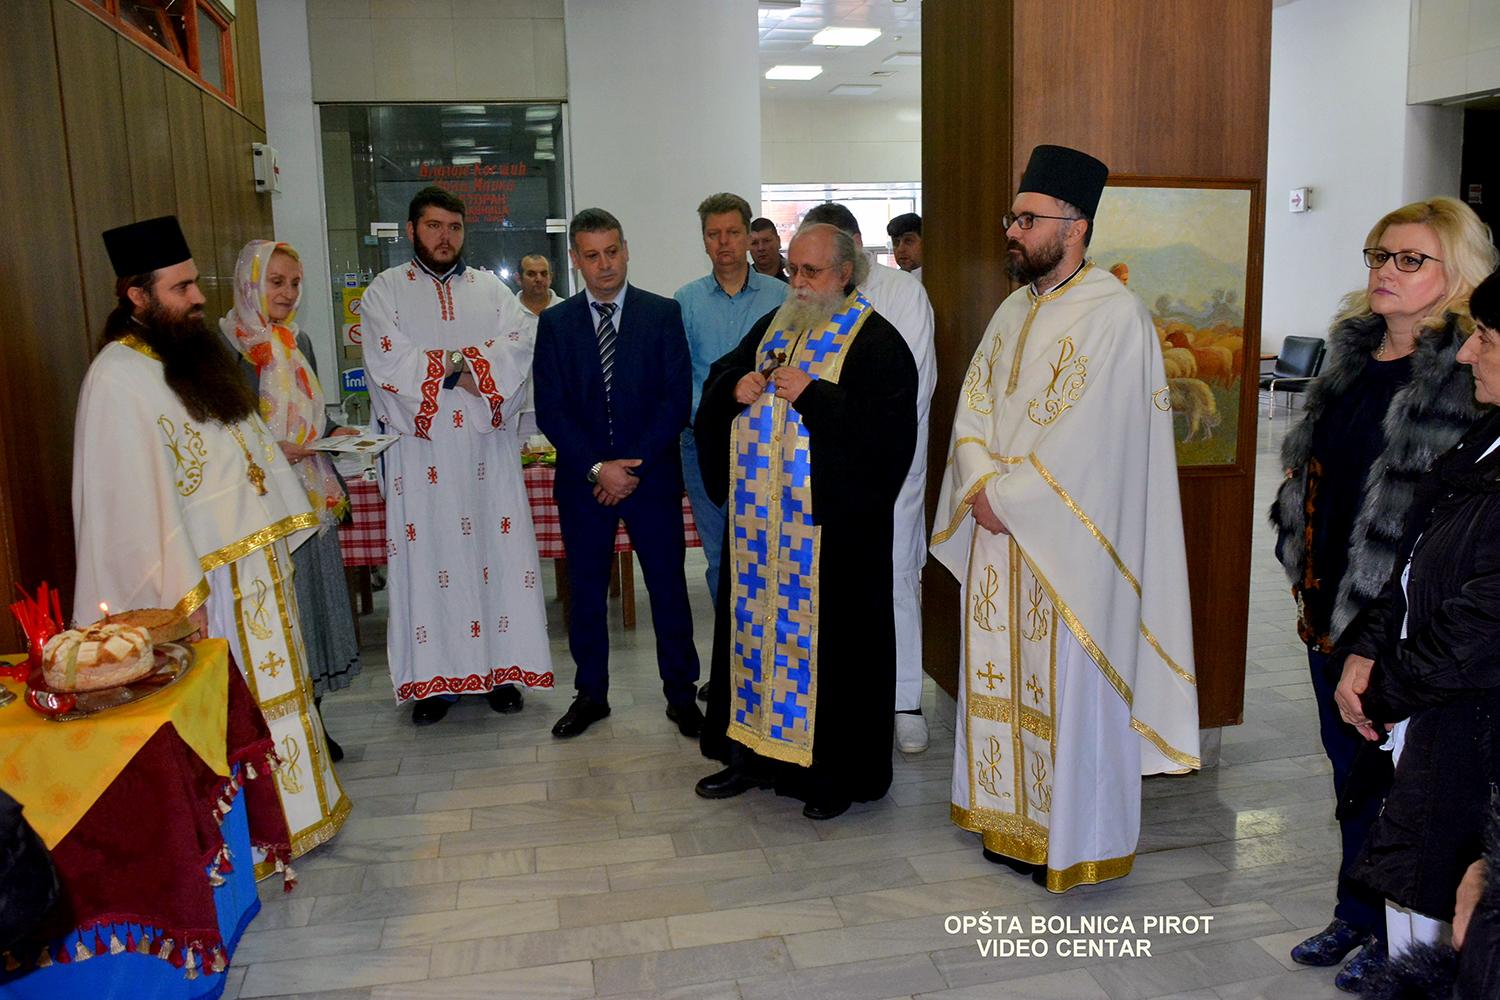 Osveštena kapela Sveti Kozma i Damjan u Opštoj bolnici